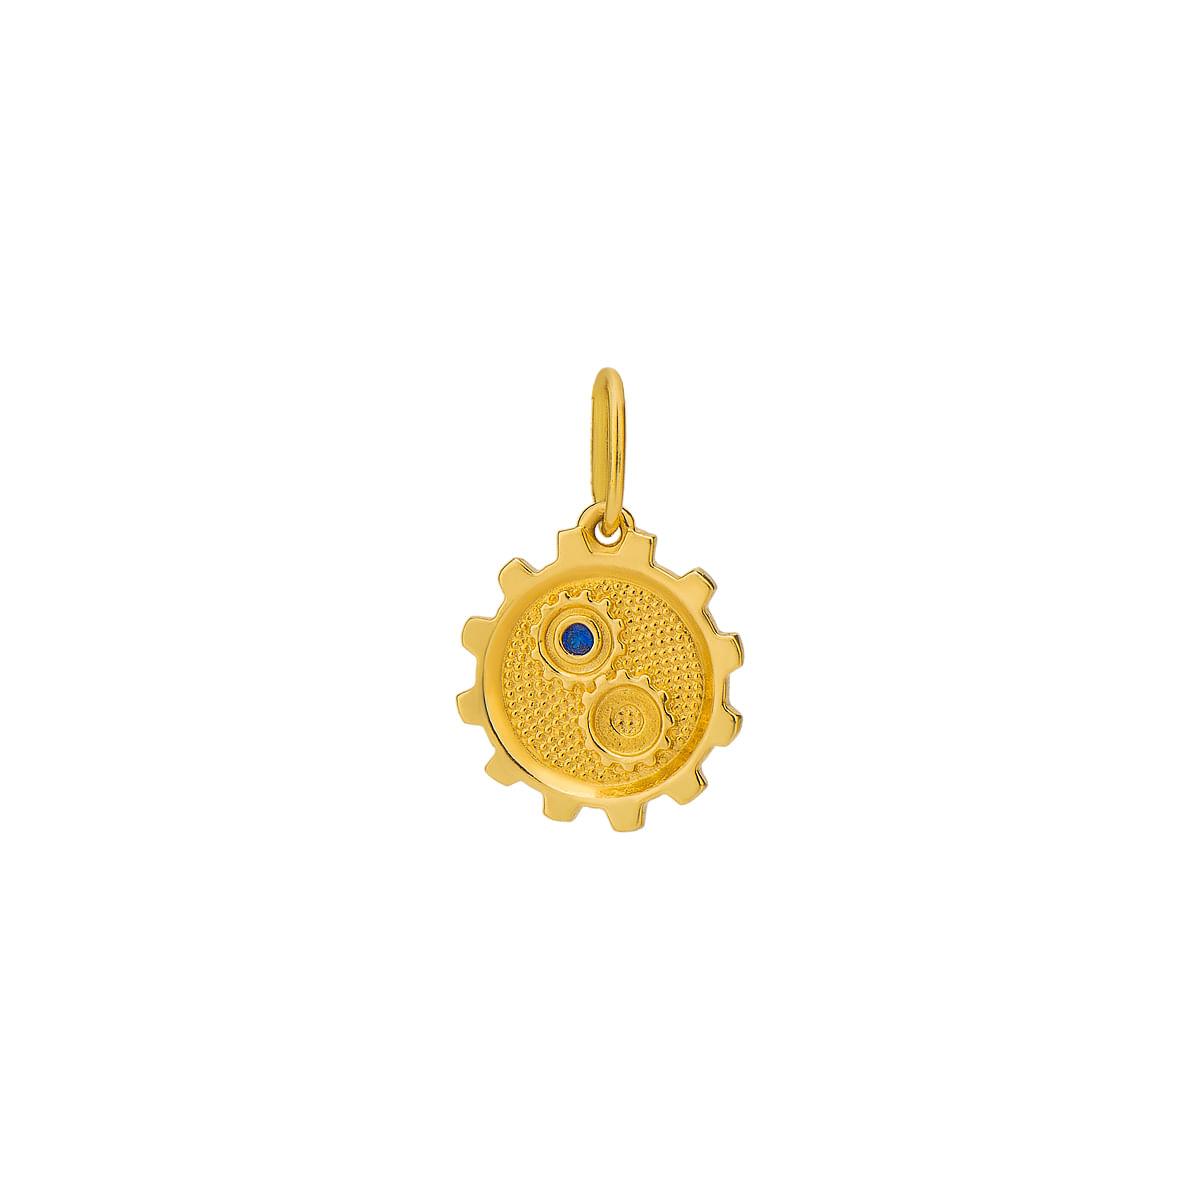 Pingente em Ouro 18k de Formatura com Símbolo de Engenharia Mecânica pi17689